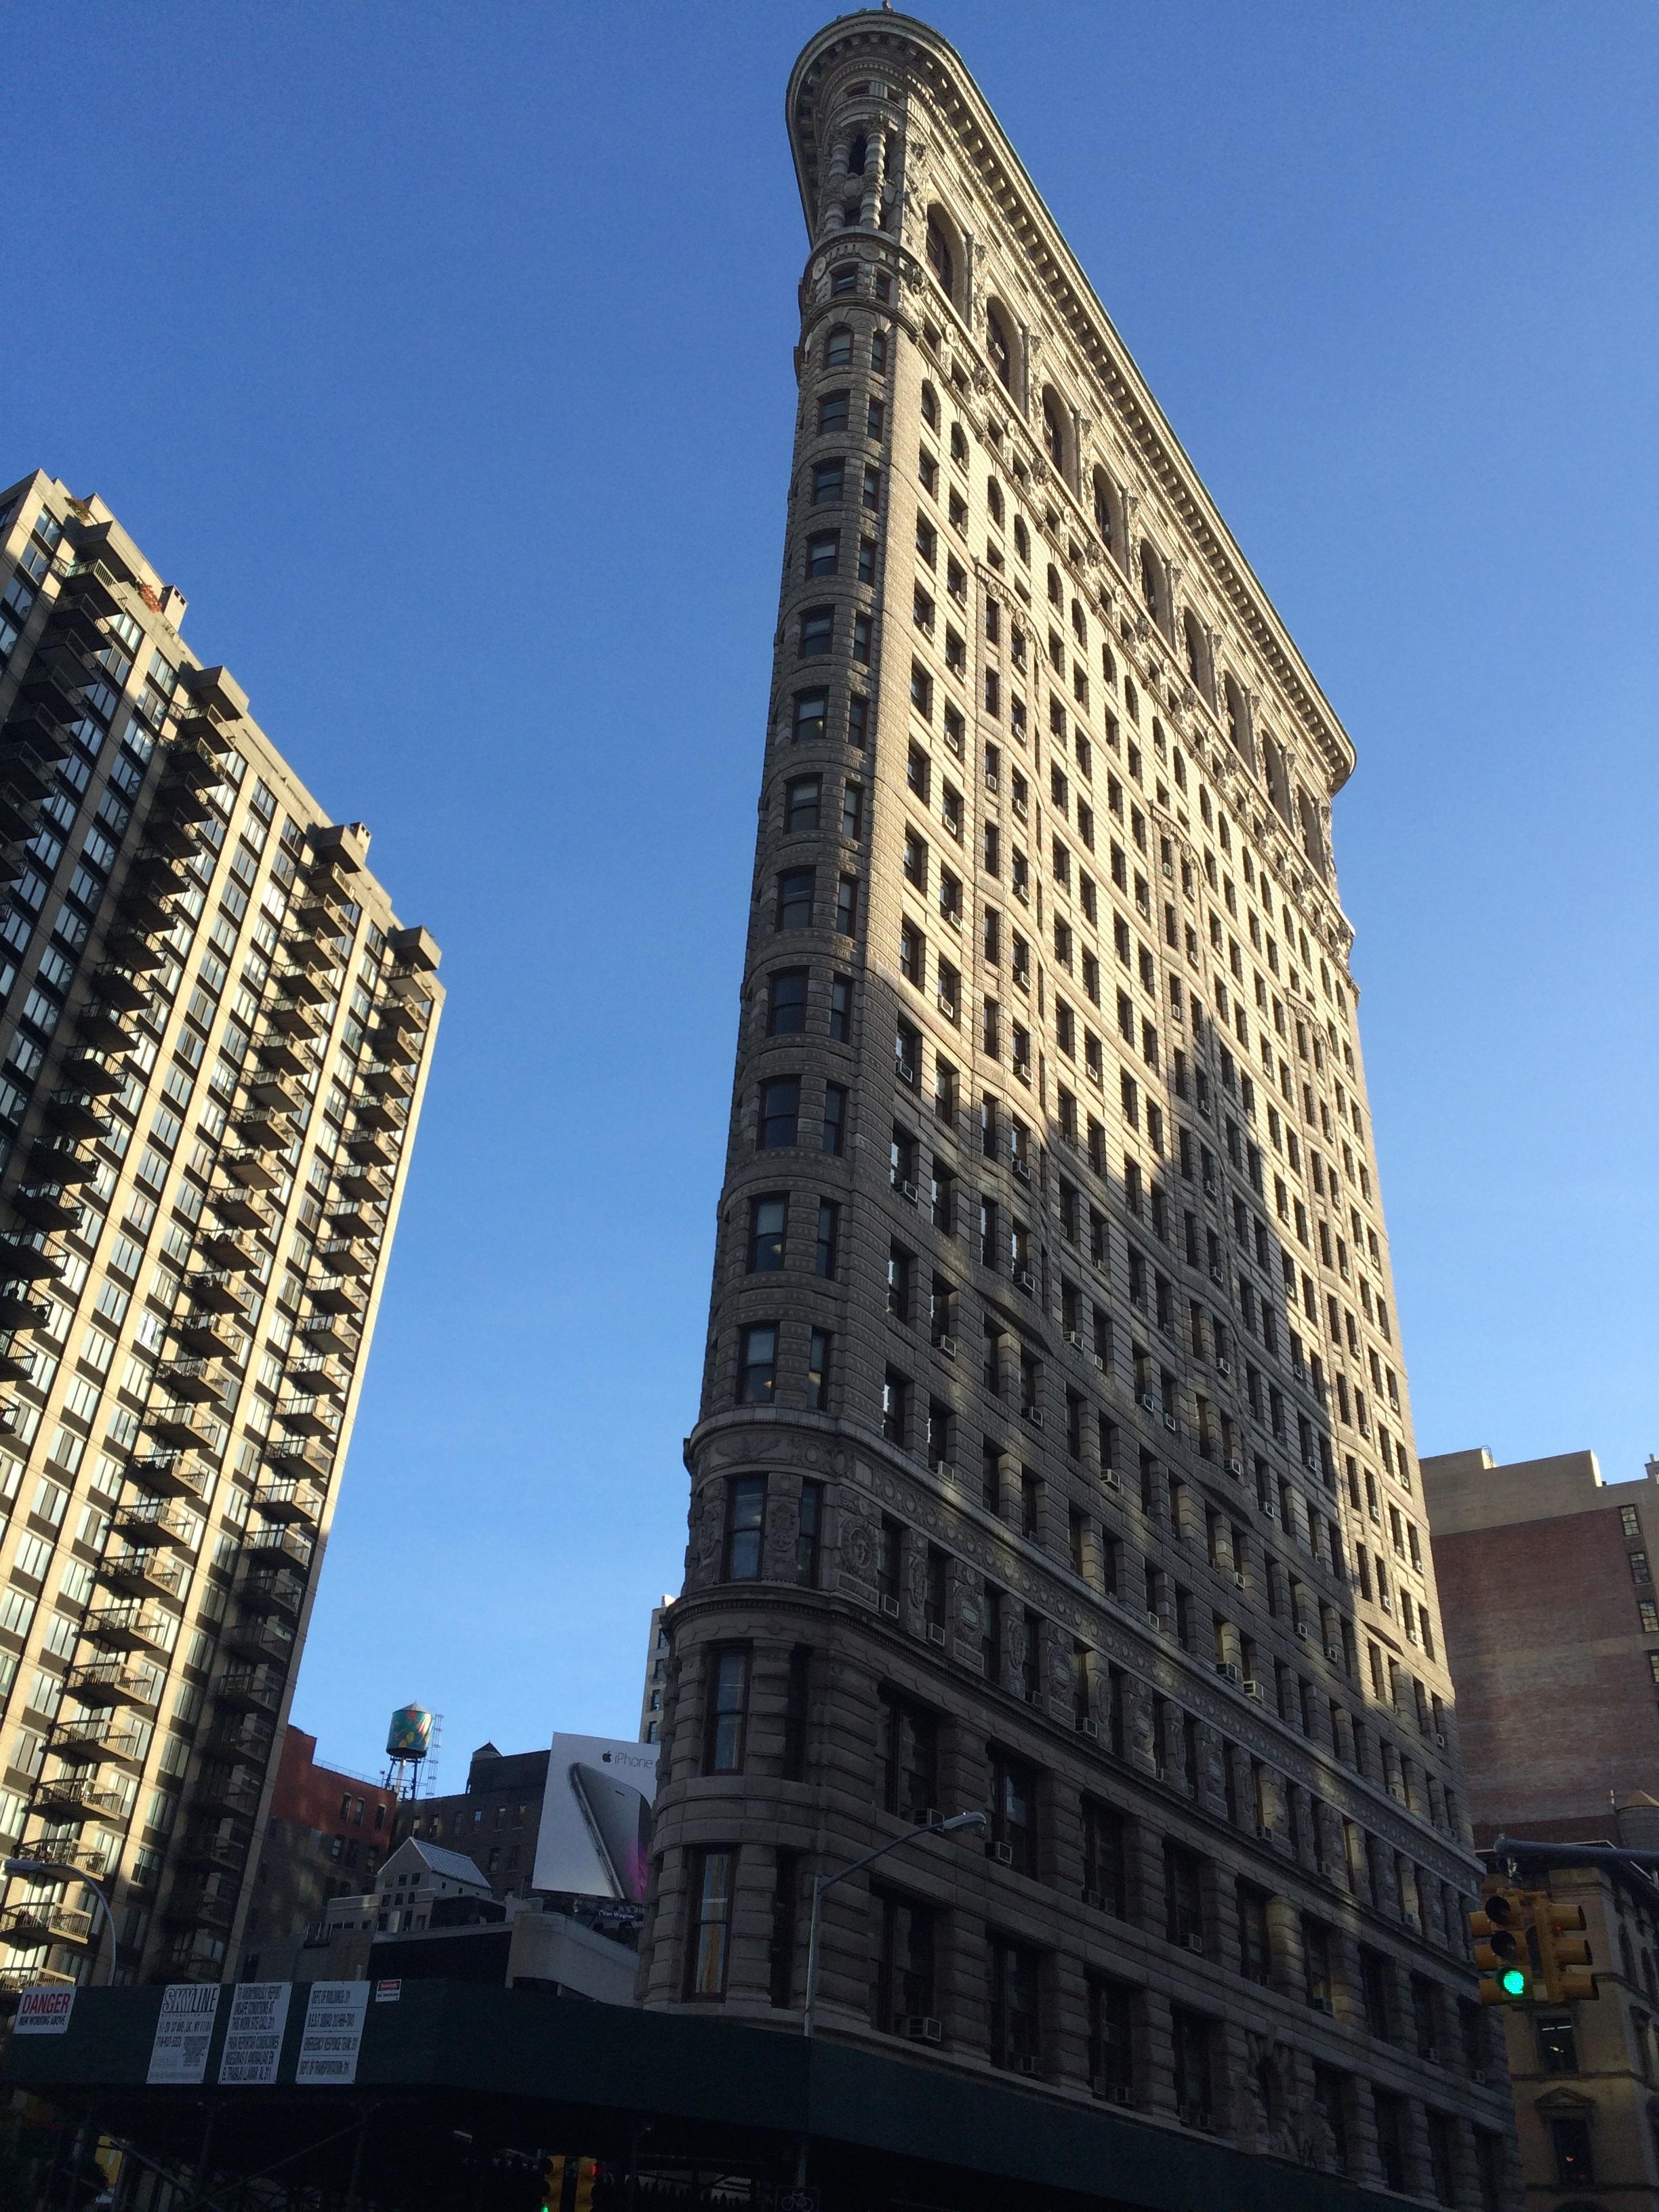 fotos gratis horizonte edificio rascacielos nueva york manhattan paisaje urbano centro de la ciudad torre punto de referencia